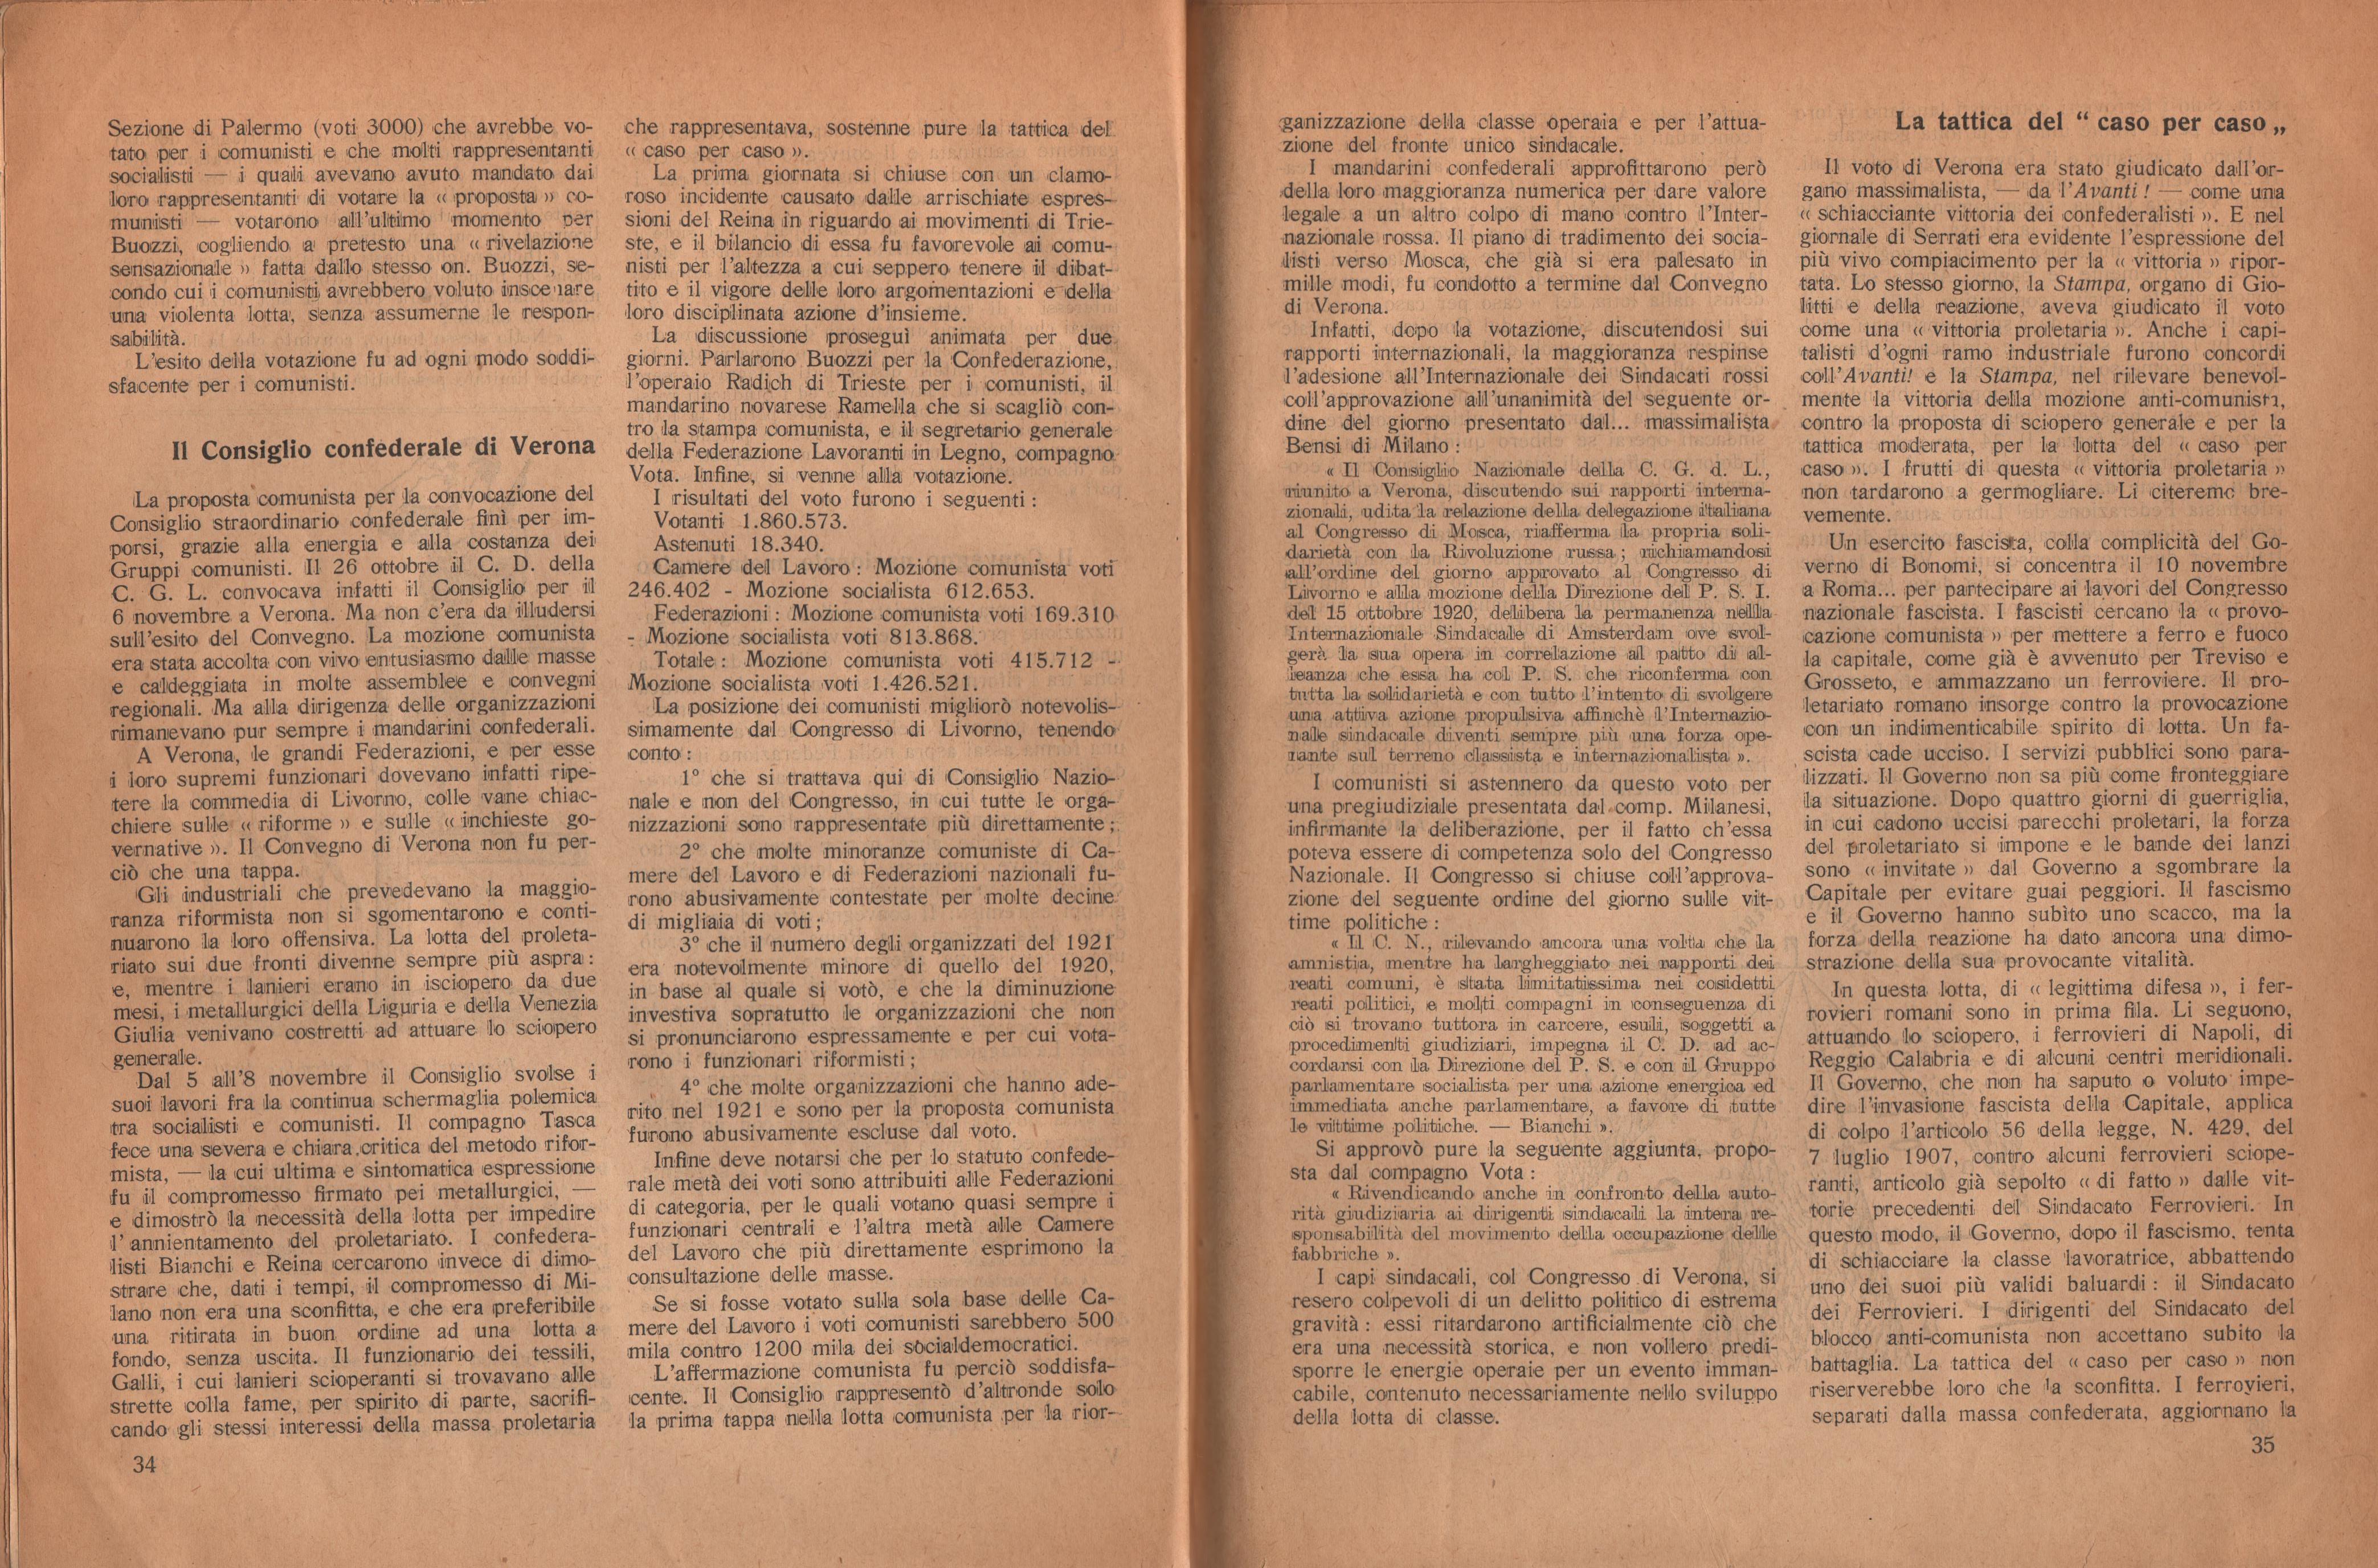 Almanacco comunista 1922 - pag. 21